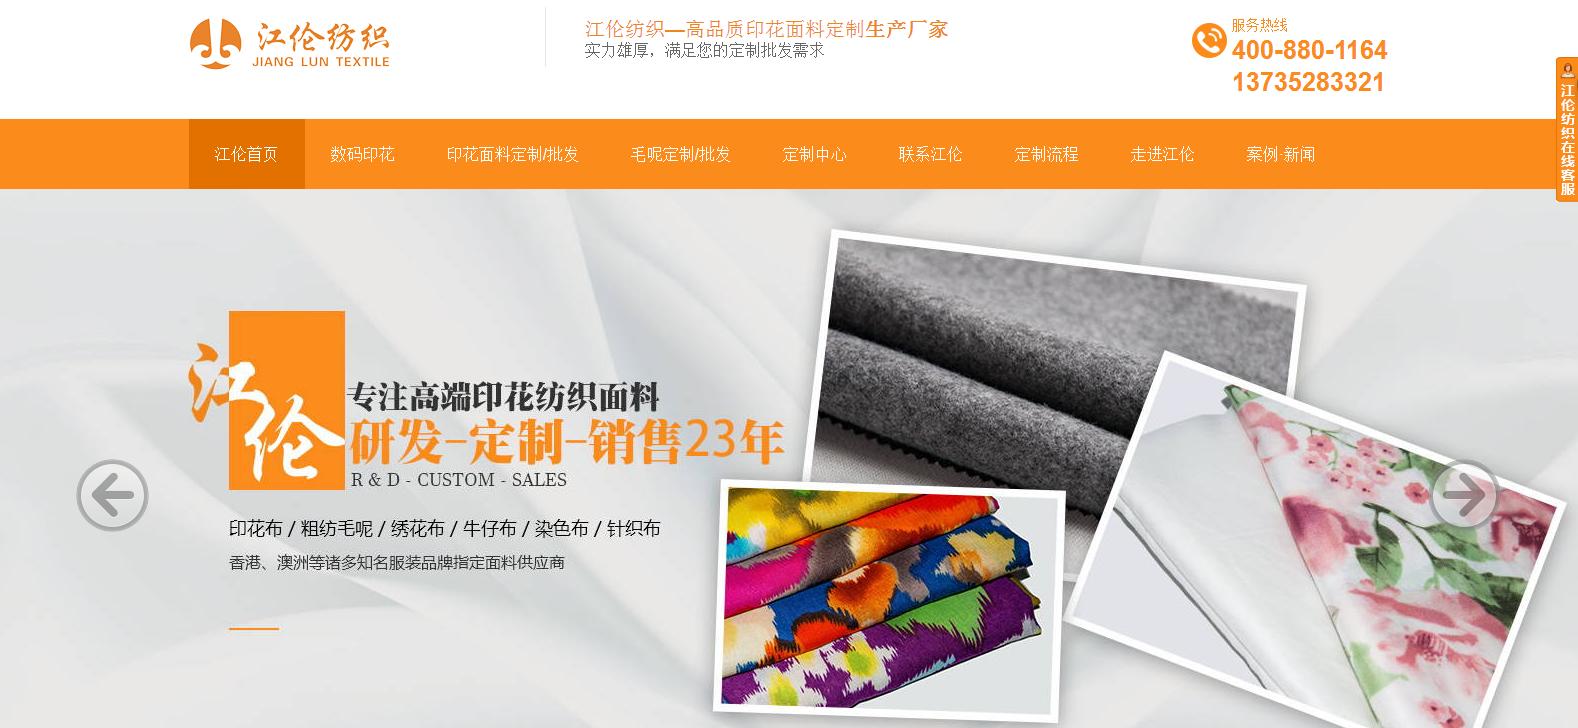 江伦纺织印花面料营销型网站案例,追马网